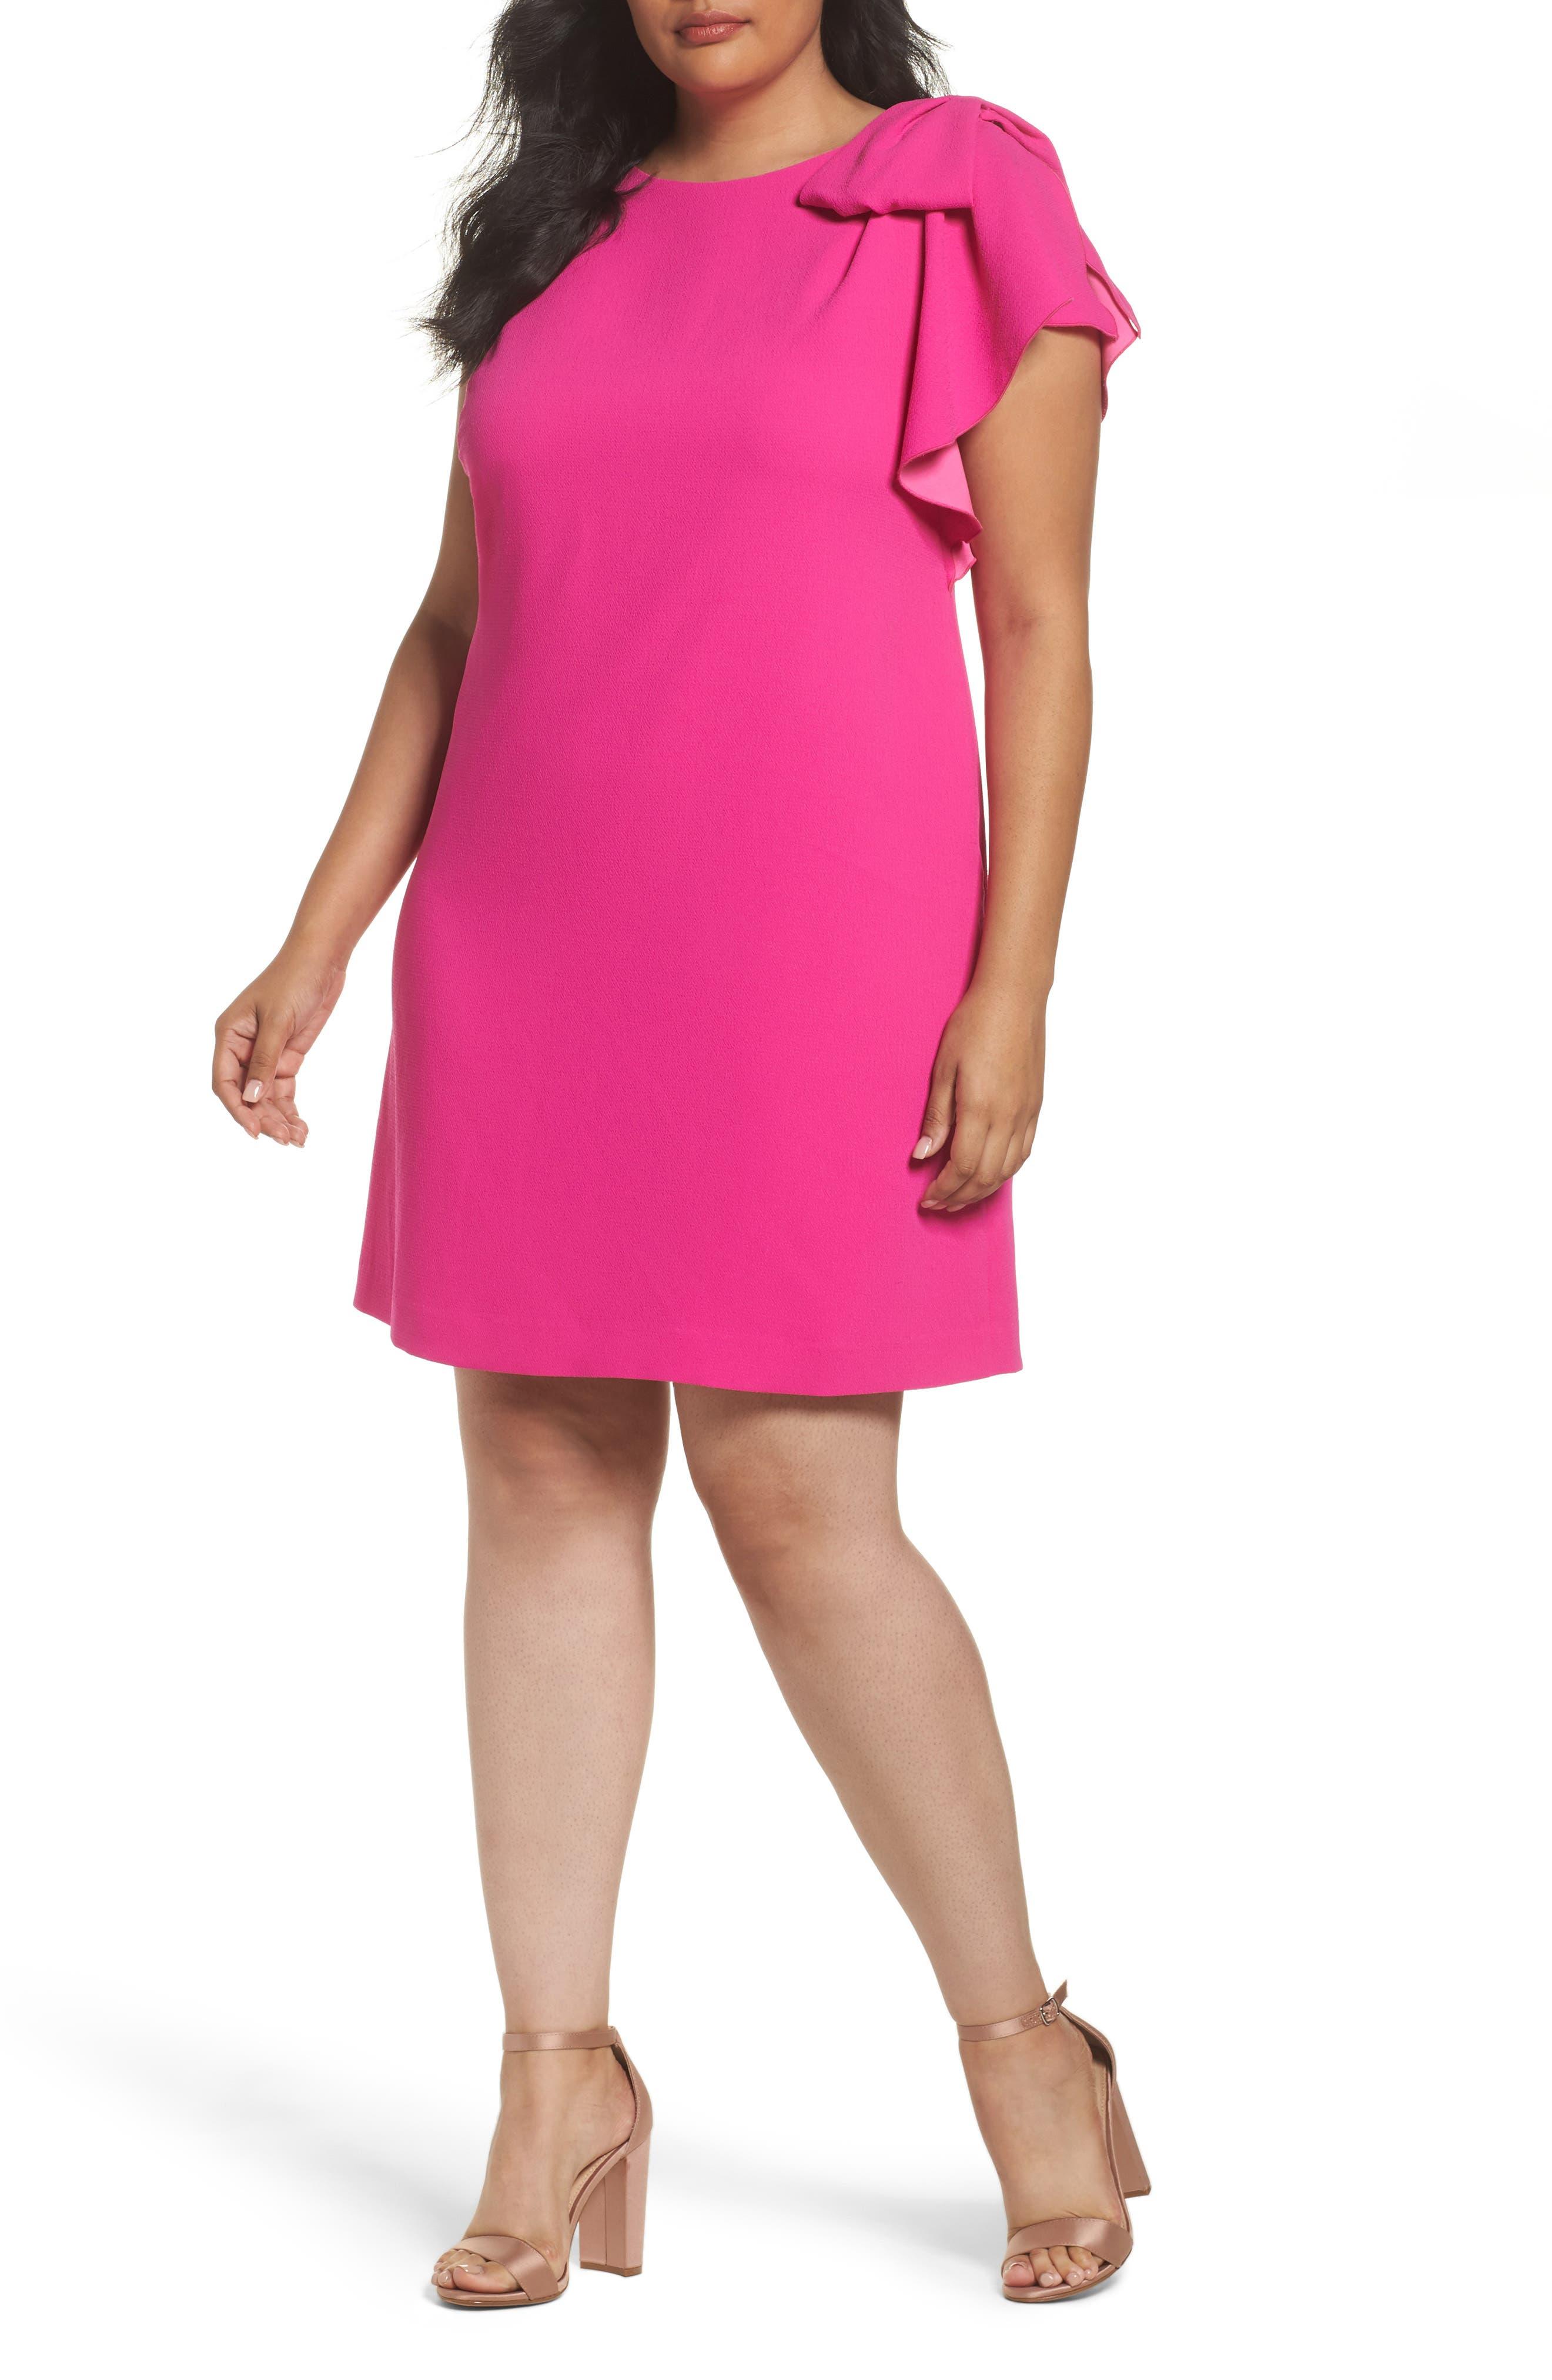 Alternate Image 1 Selected - Eliza J Shoulder Bow Shift Dress (Plus Size)